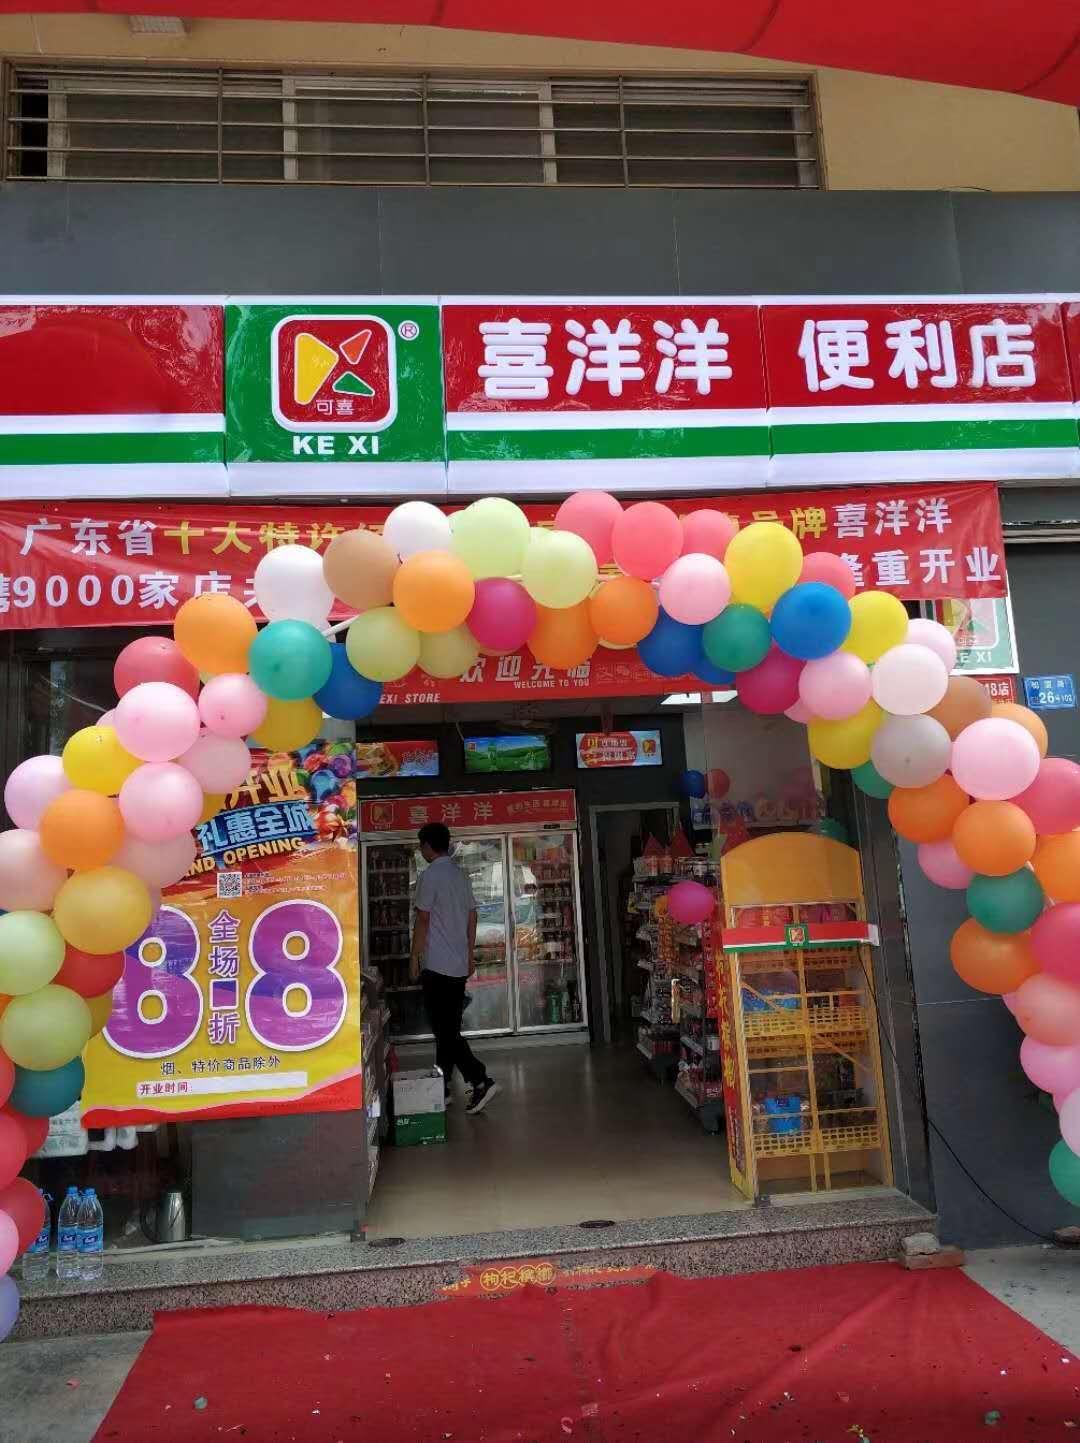 热烈祝贺喜洋洋9月30日又迎来新店开业:长安友顺分店